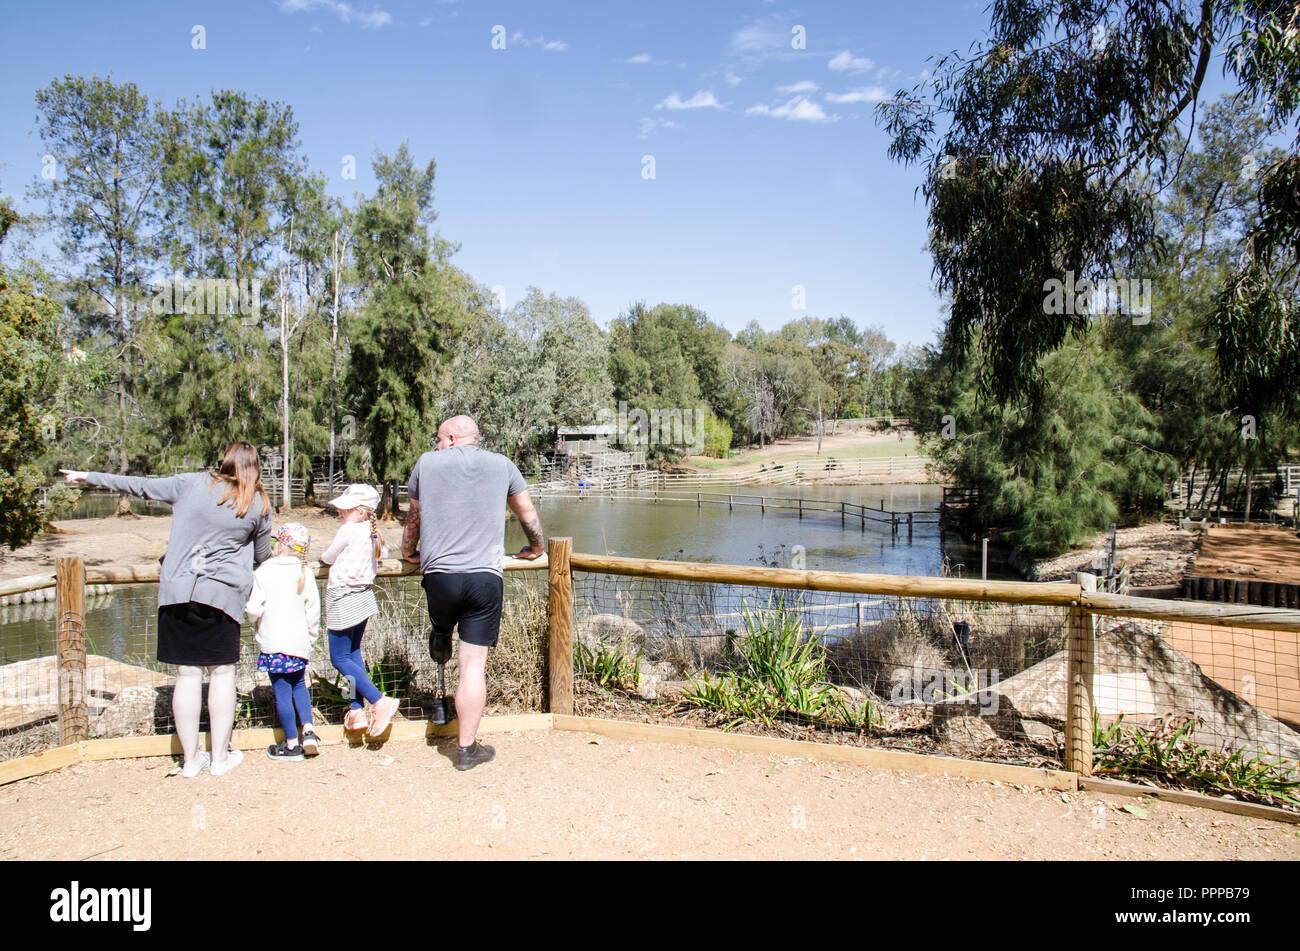 A family looking for a hippopotamus at Dubbo Zoo,NSW Australia. Stock Photo